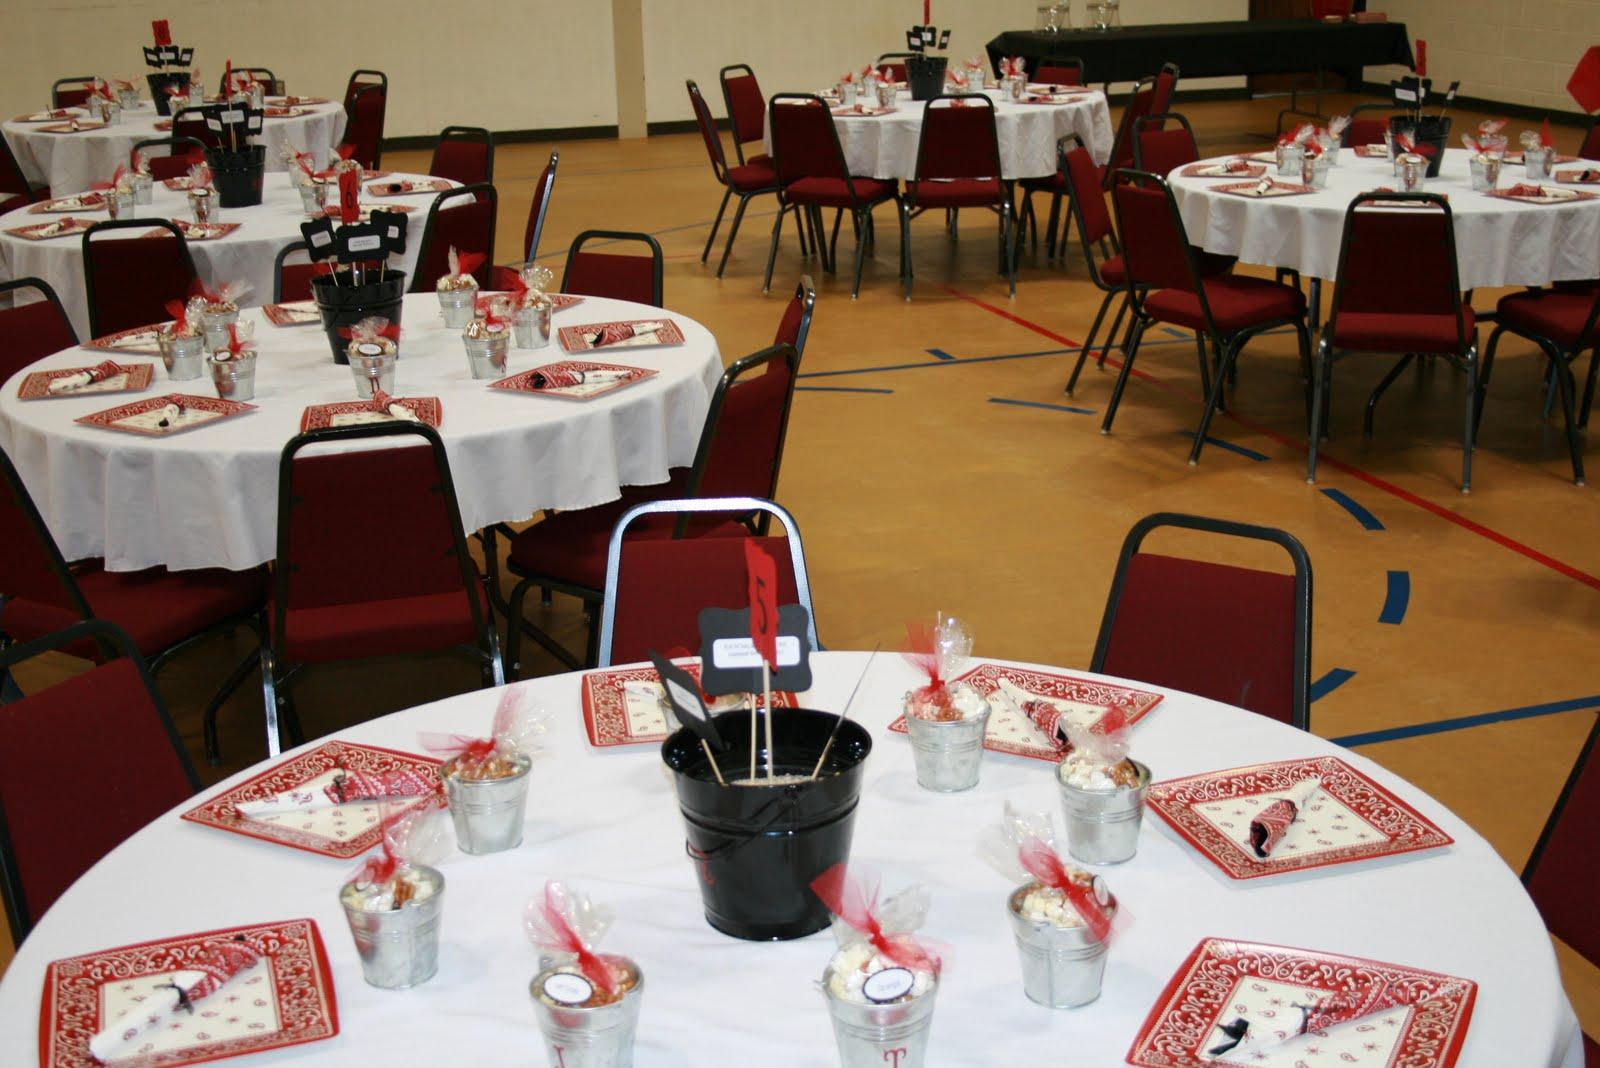 Simple Centerpiece Ideas For Rehearsal Dinner : Rehearsal dinner decorations images simple table